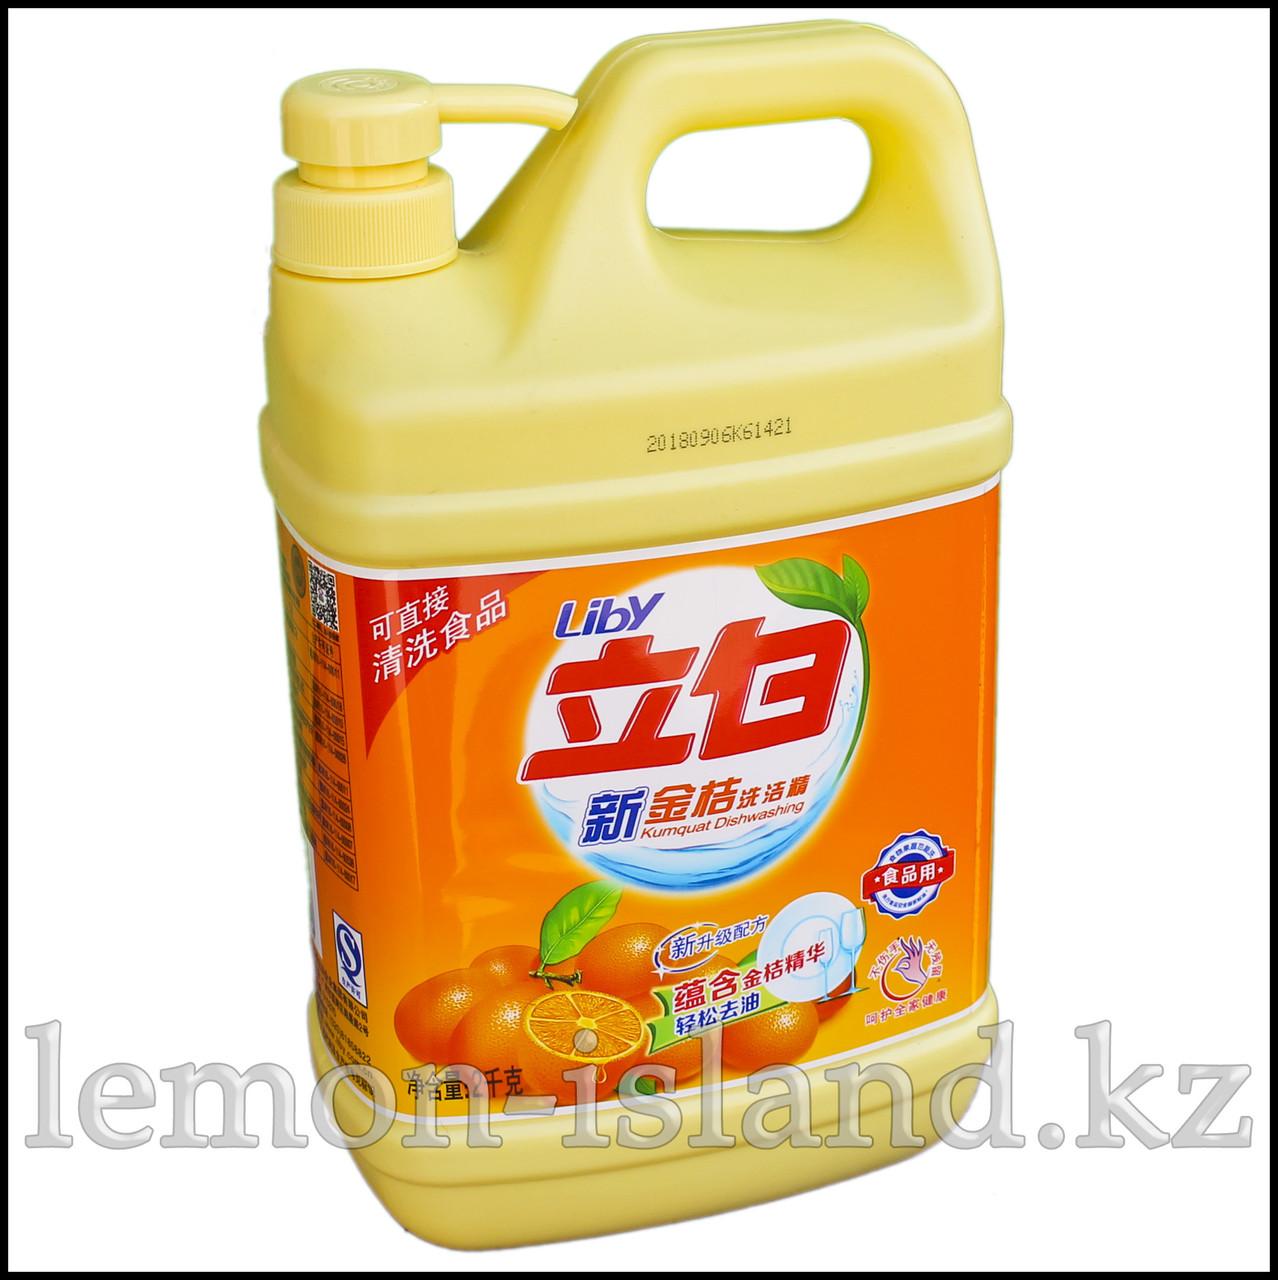 Жидкость для мытья посуды c запахом апельсина.